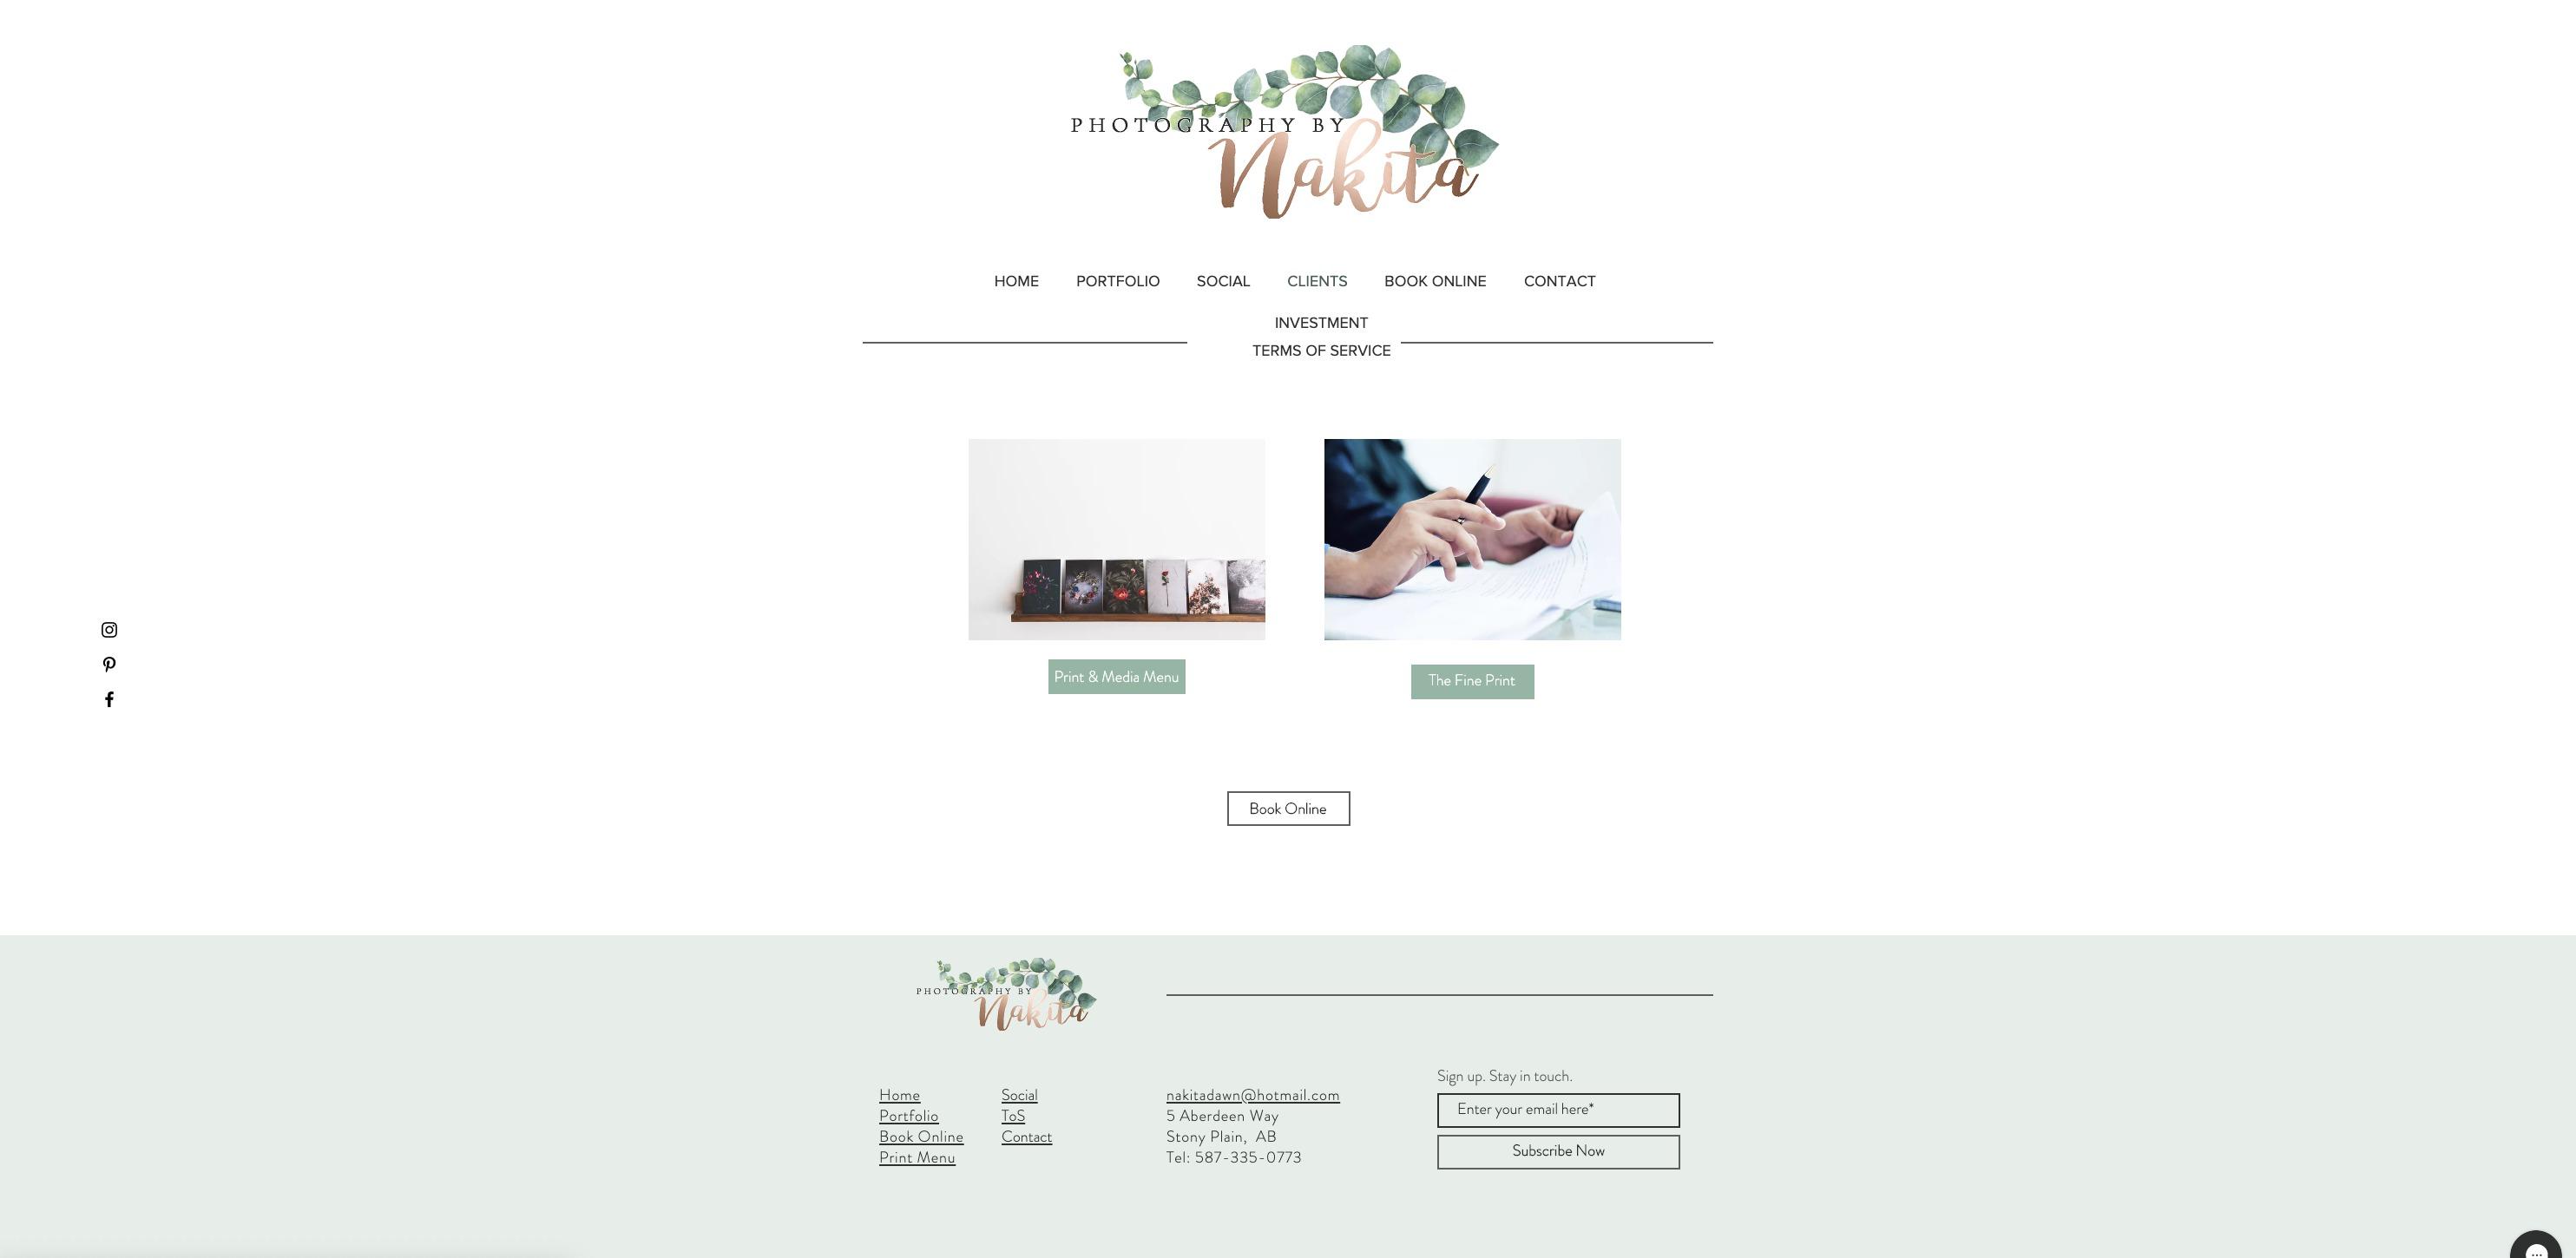 Clients Menu Page